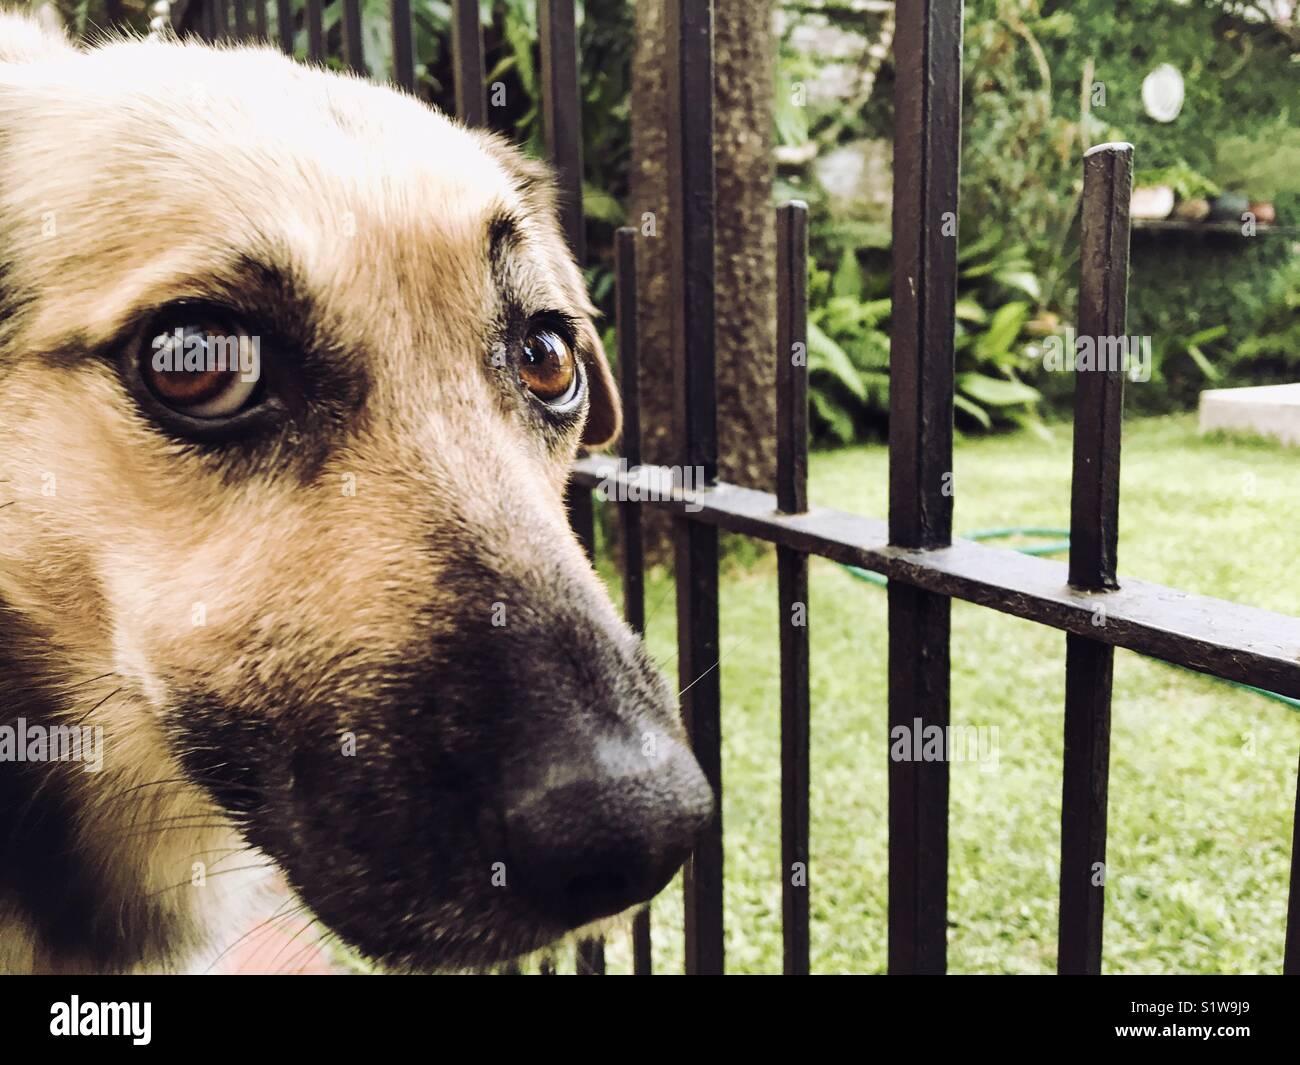 Niedlichen Hund Suchen Durch Den Zaun Im Garten Stockfoto Bild